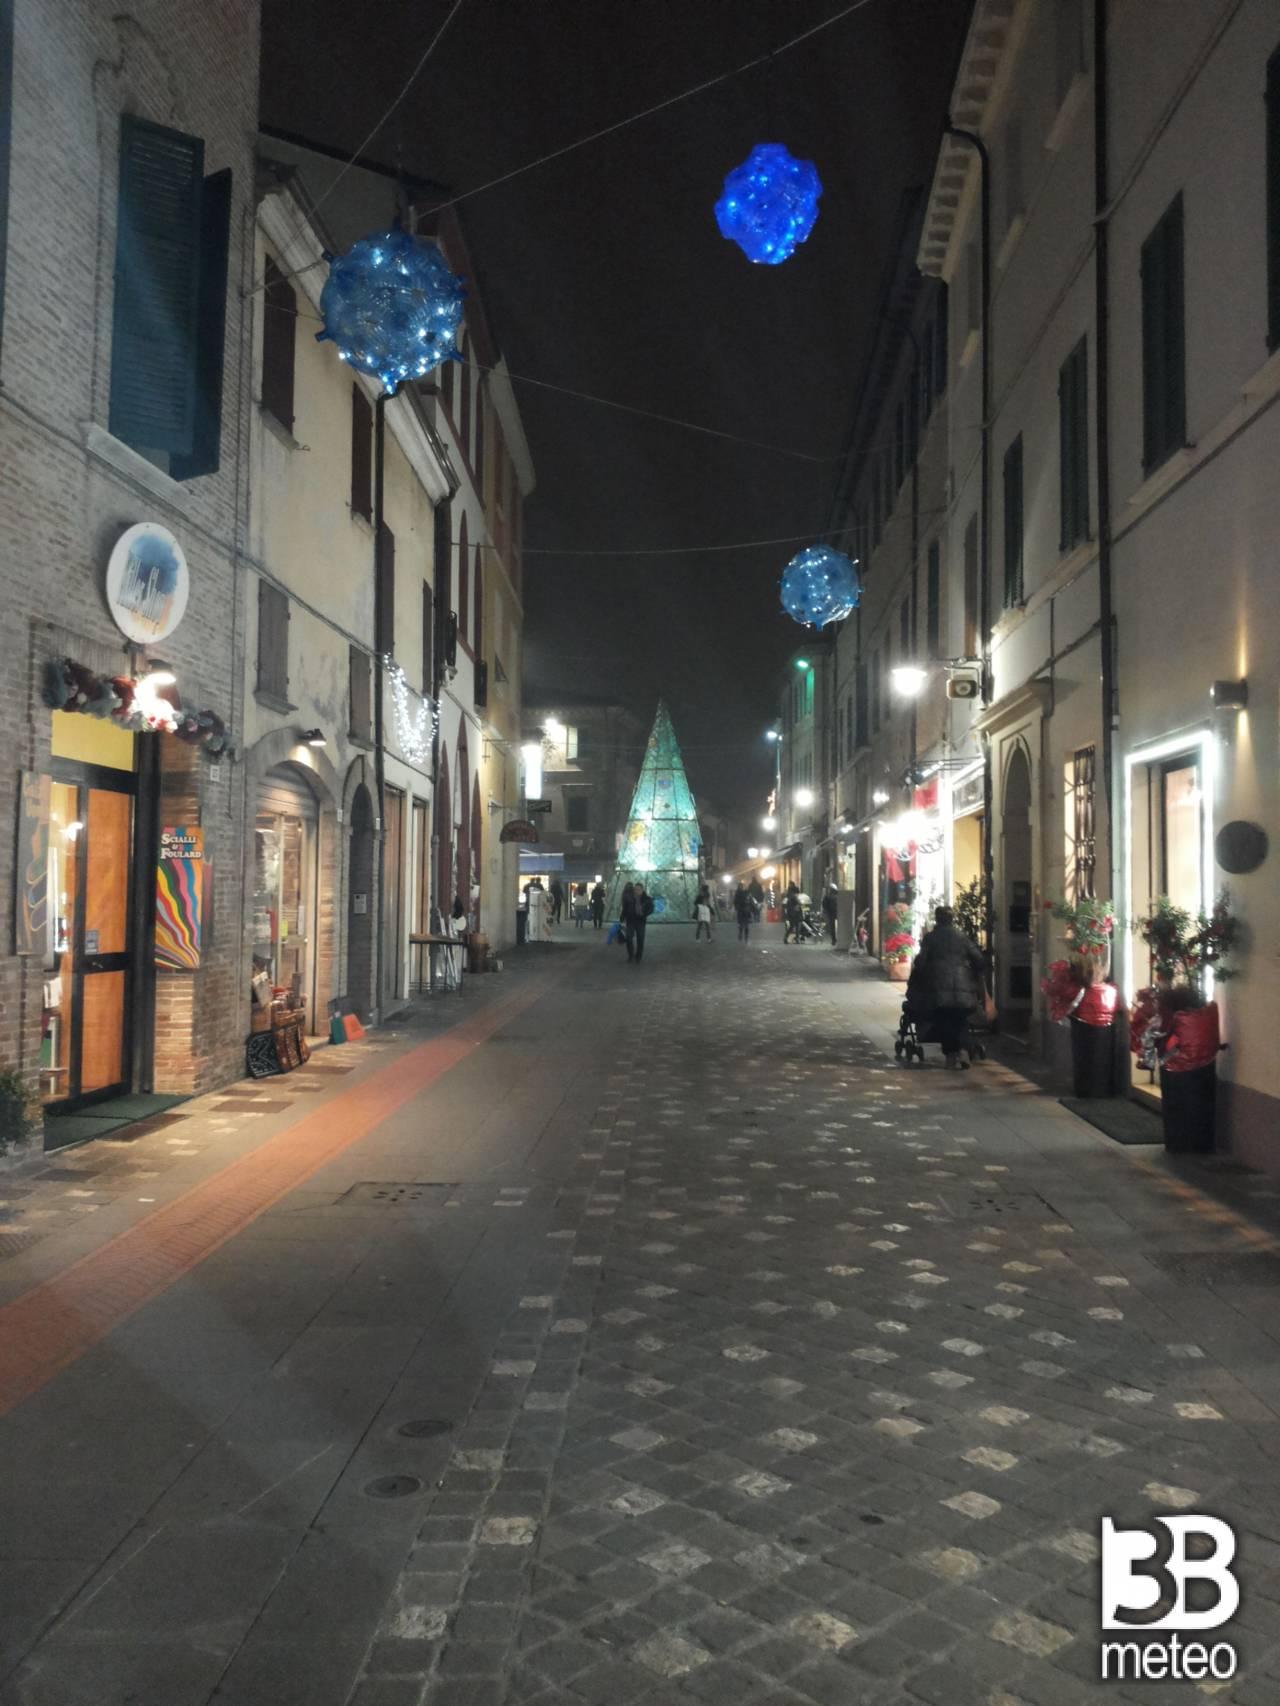 Natale a santarcangelo di romagna foto gallery 3b meteo - 3b meteo bagno di romagna ...